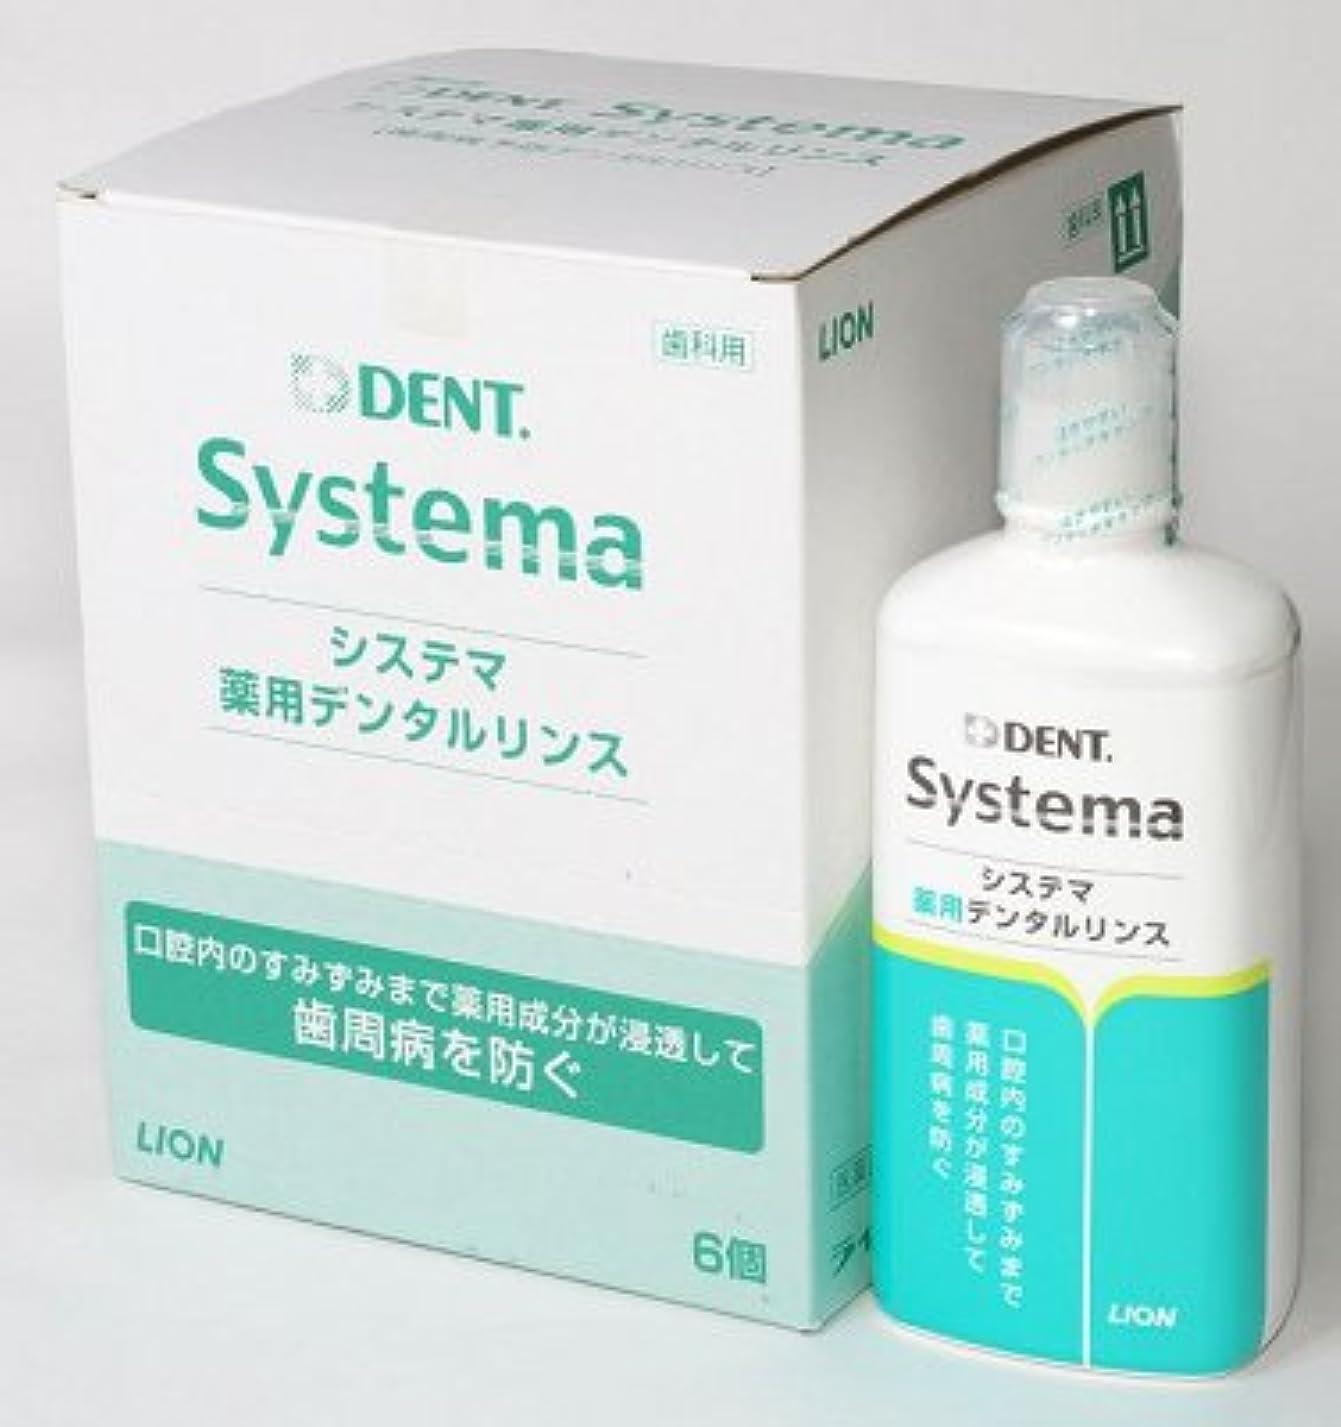 忠実赤道すりライオン システマ薬用デンタルリンス レギュラー 450ml